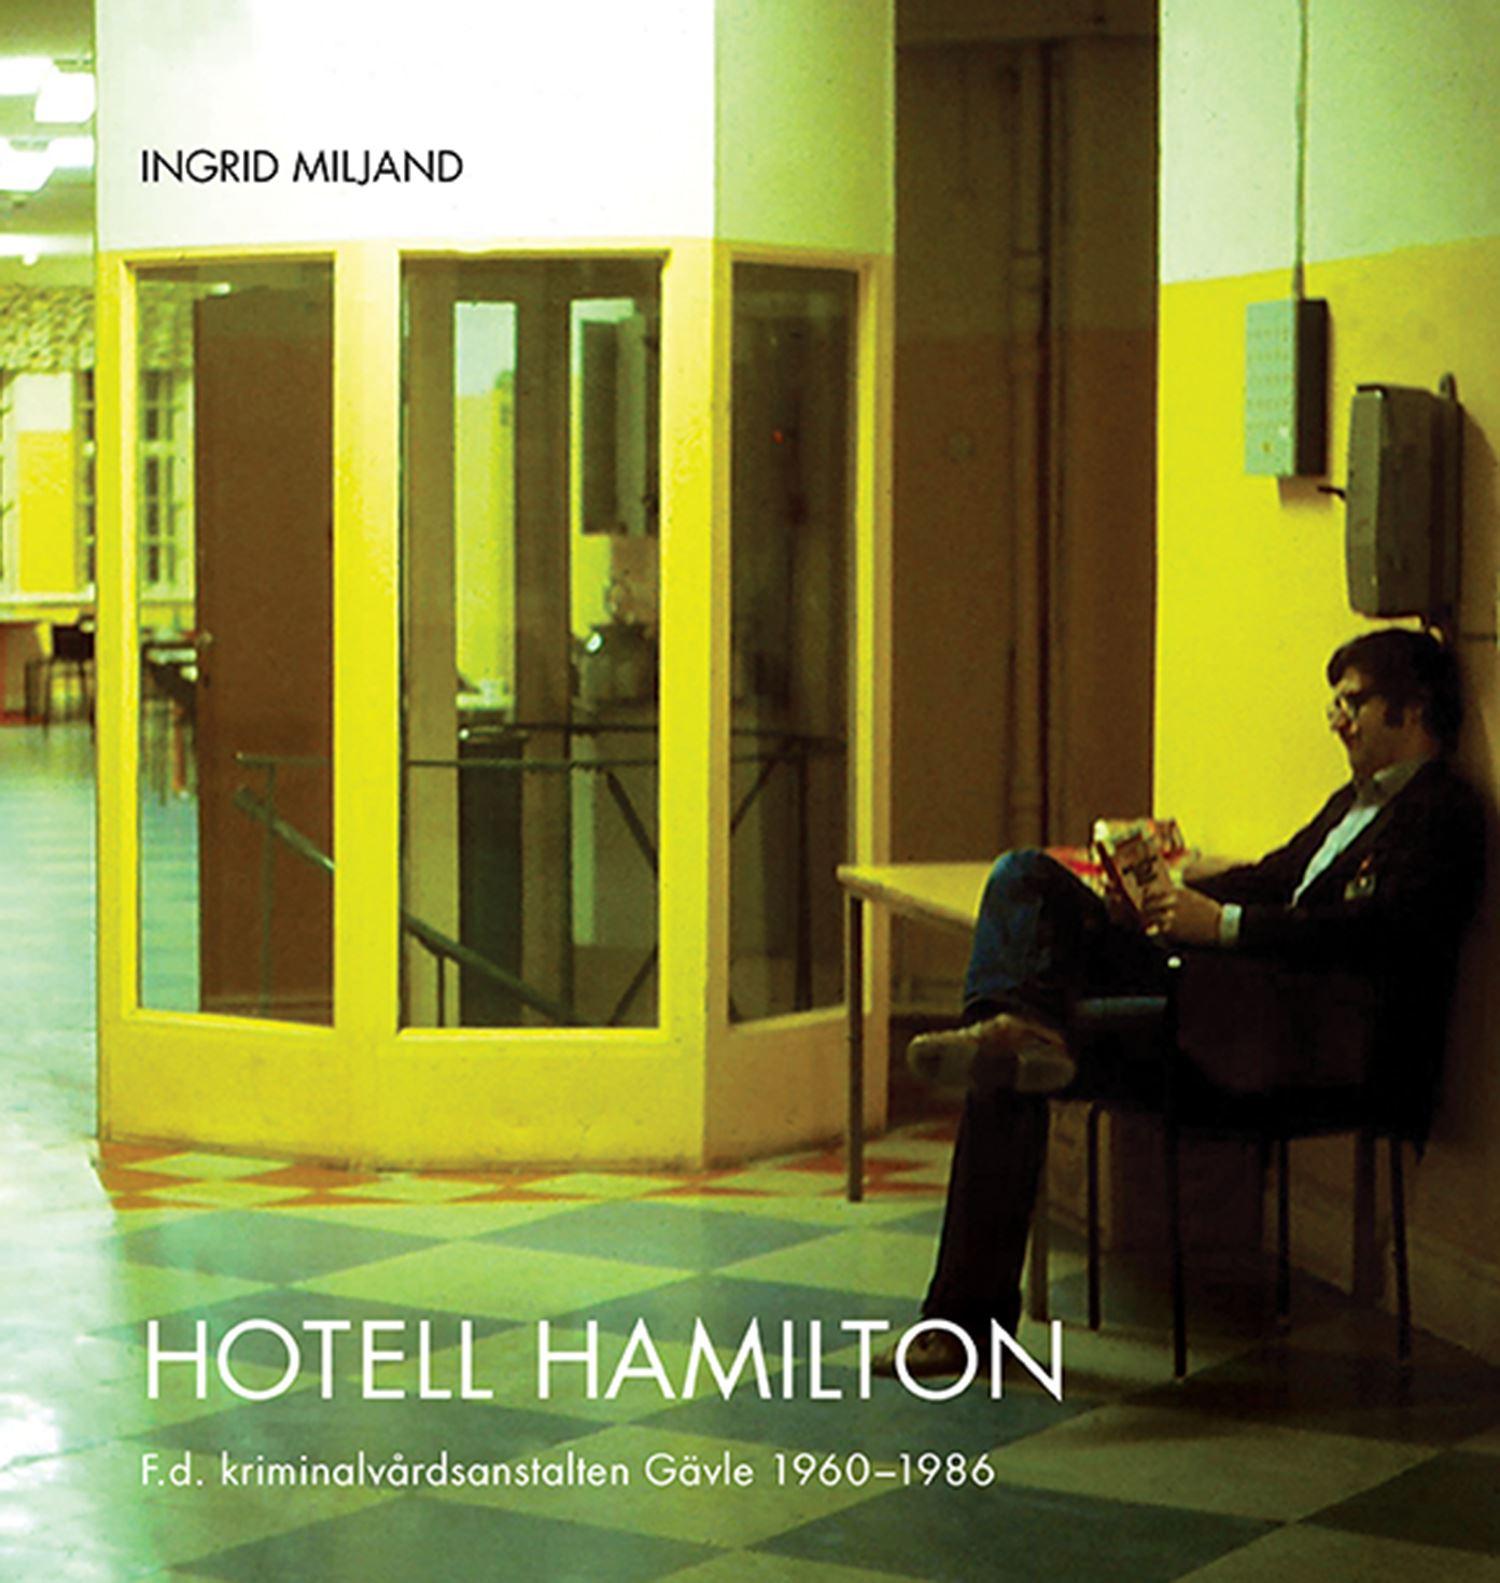 © Sveriges Fängelsemuseum, Omslag till boken Hotell hamilton